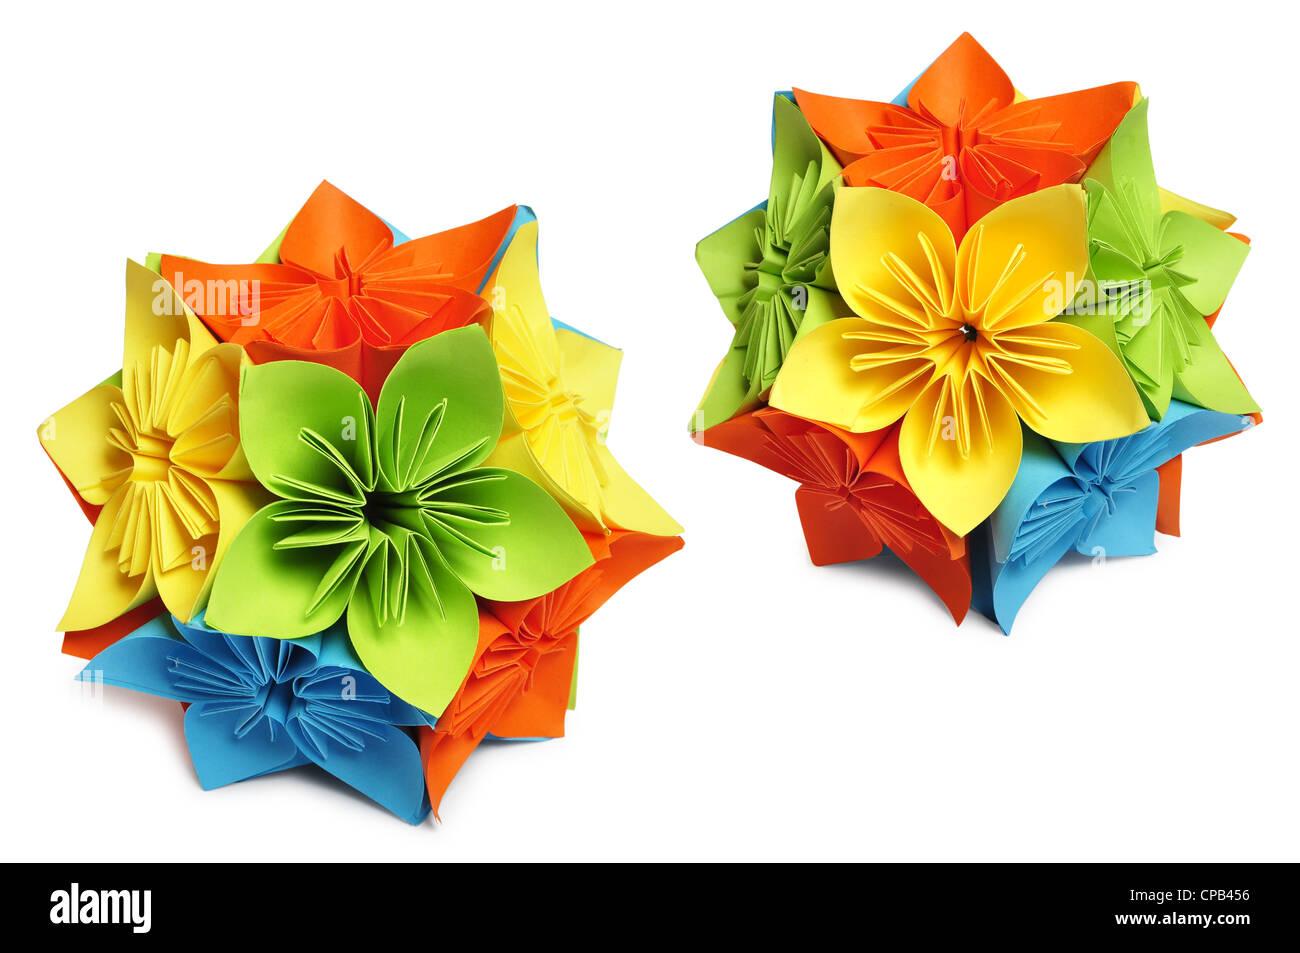 Classic royal kusudama colorful paper origami isolated on white classic royal kusudama colorful paper origami isolated on white jeuxipadfo Gallery